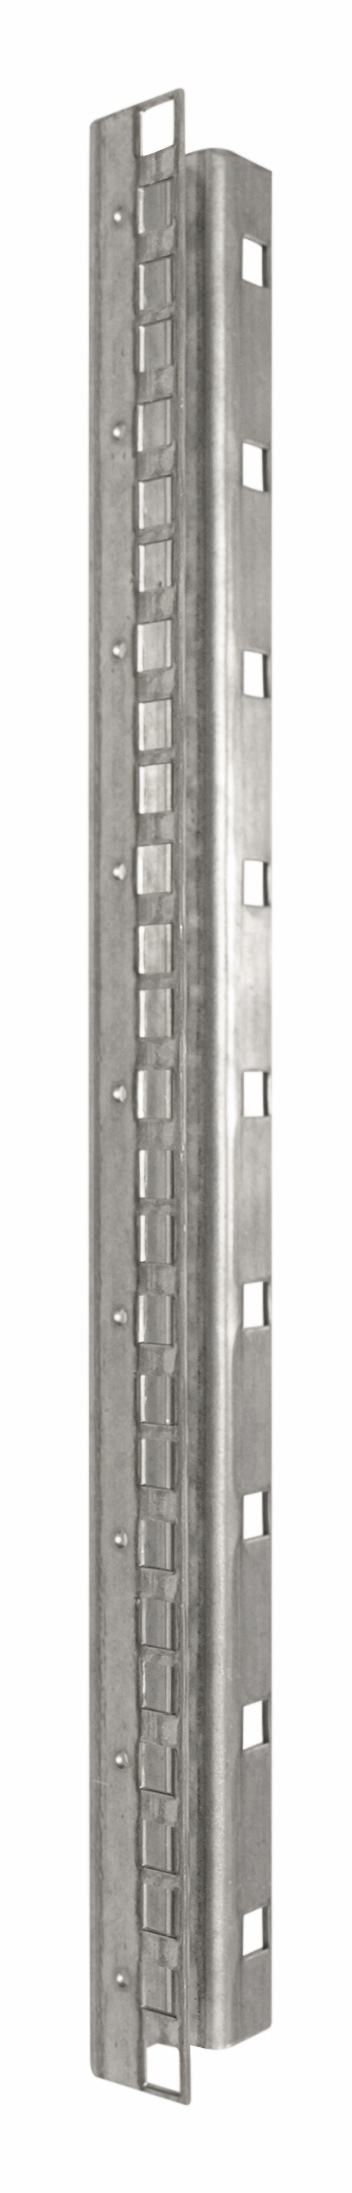 1 Stk 19 Profilschiene 09HE für DW-Schränke DWPROF09--